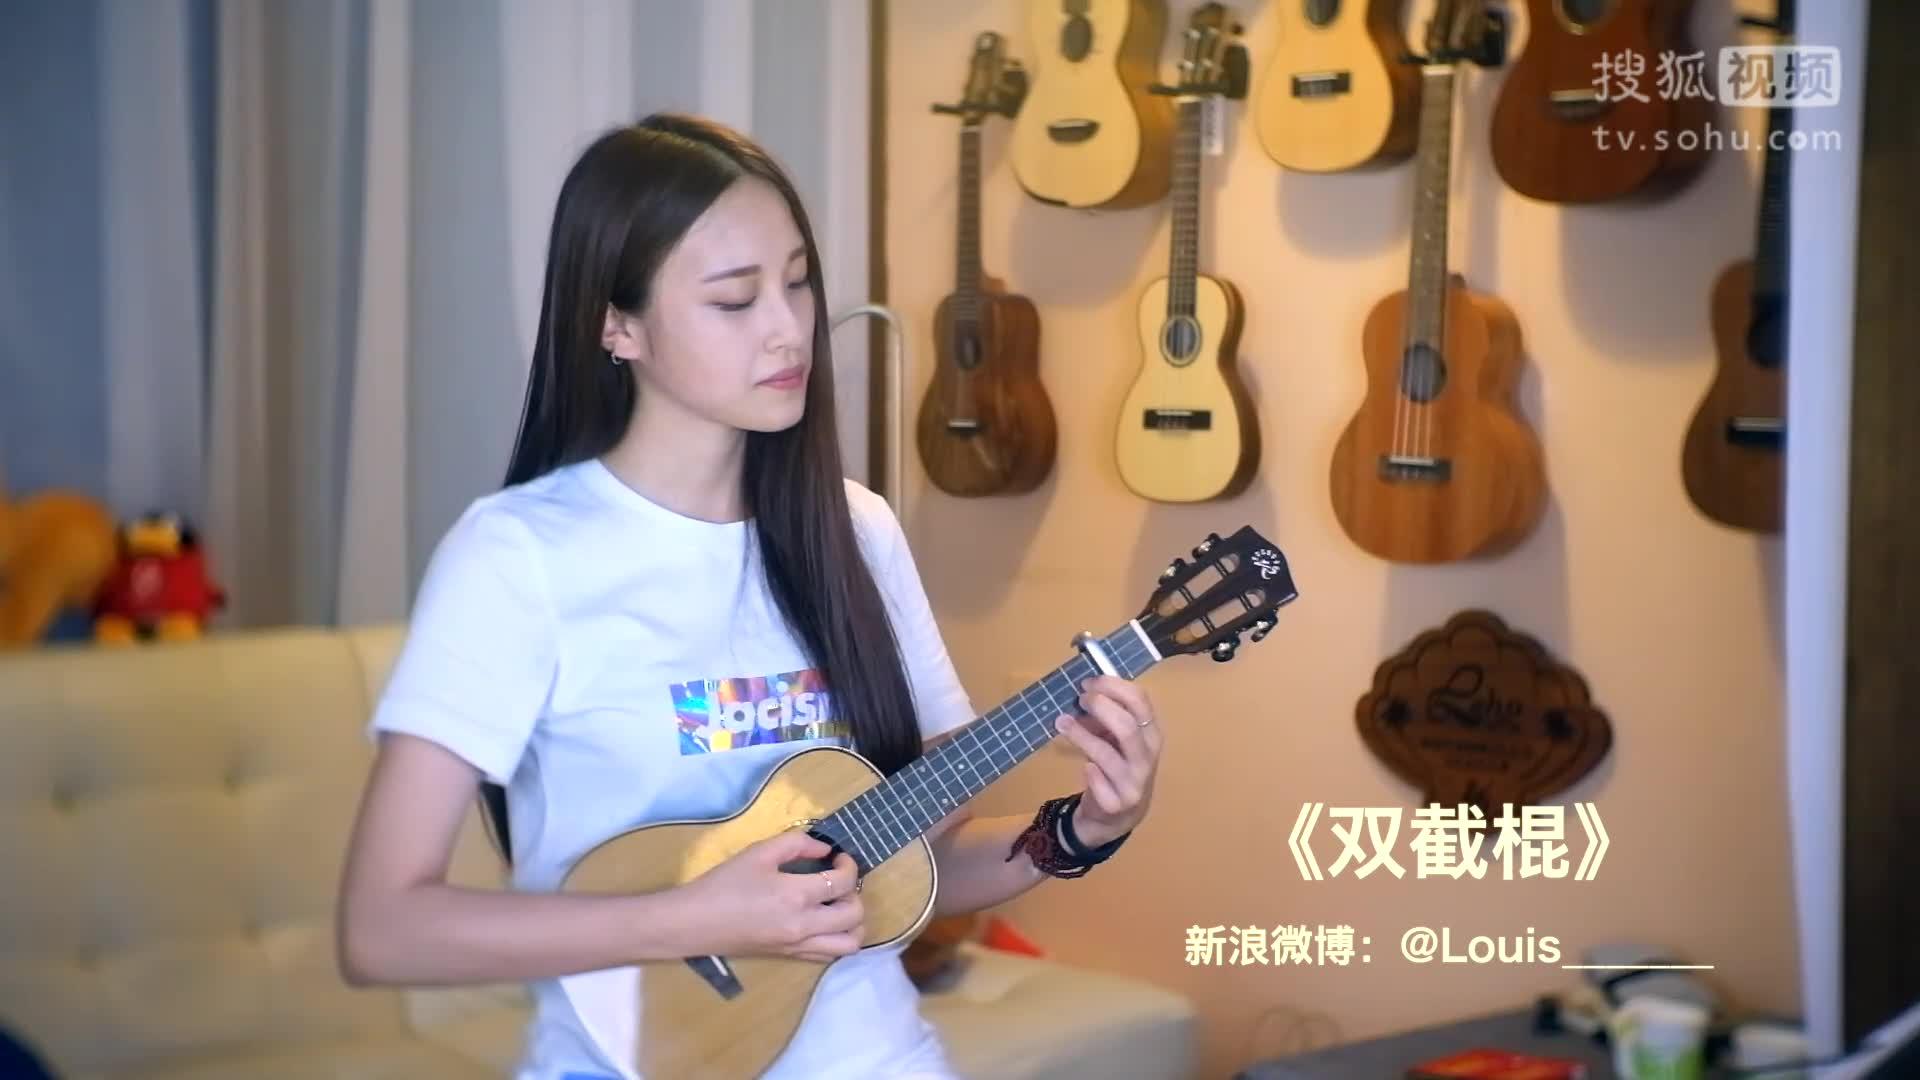 清新美女演绎温柔版《双截棍》ukulele弹唱